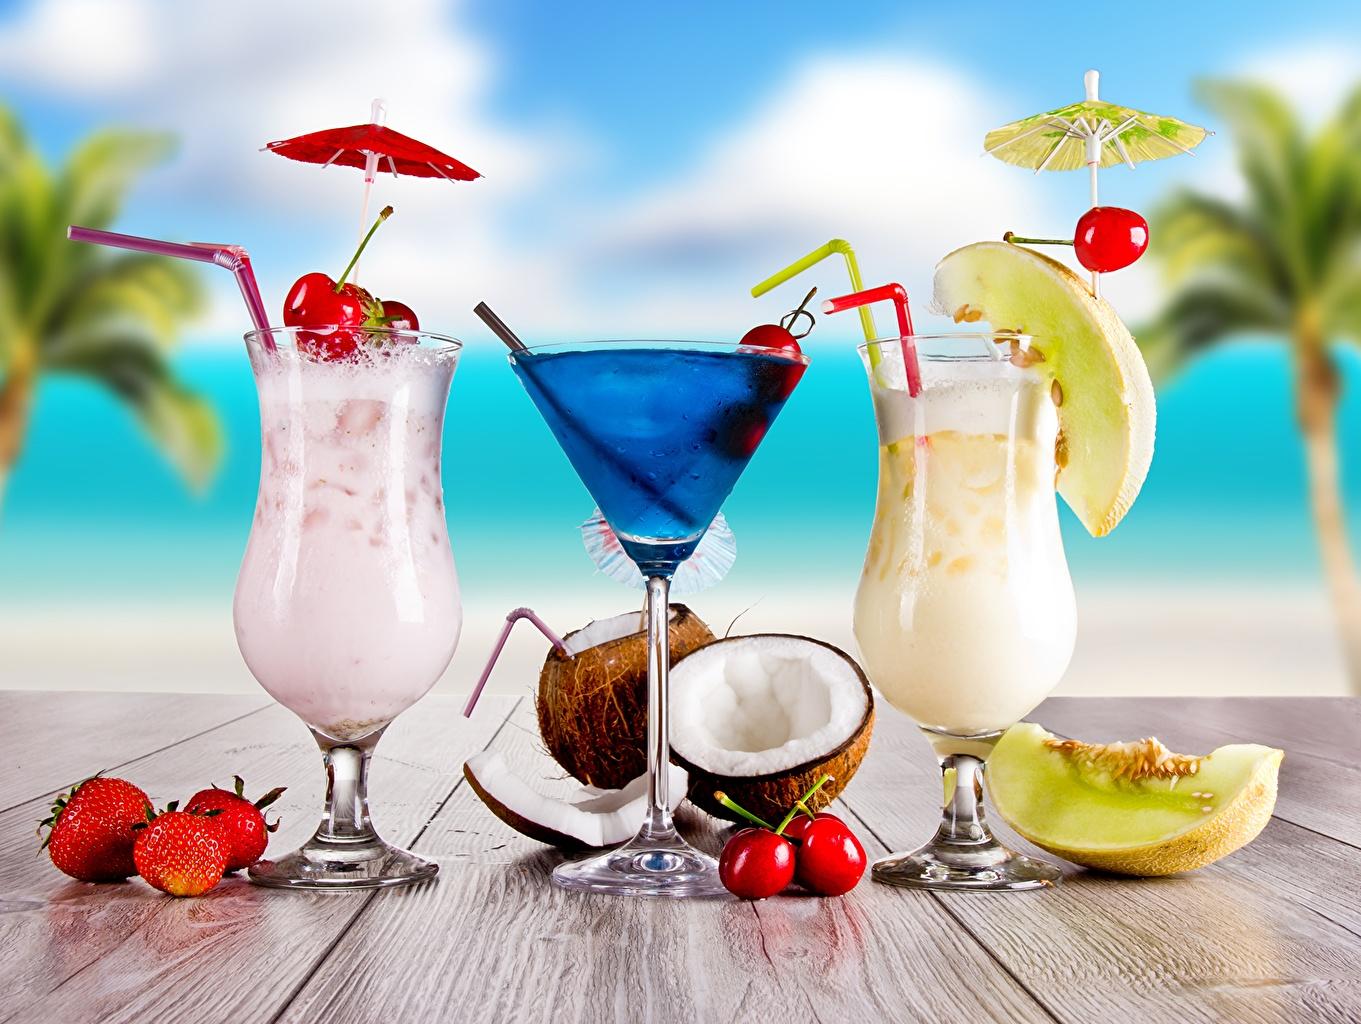 Картинки Кокосы Клубника Еда Трое 3 Бокалы Коктейль Крупным планом напиток три Пища бокал втроем Продукты питания вблизи Напитки